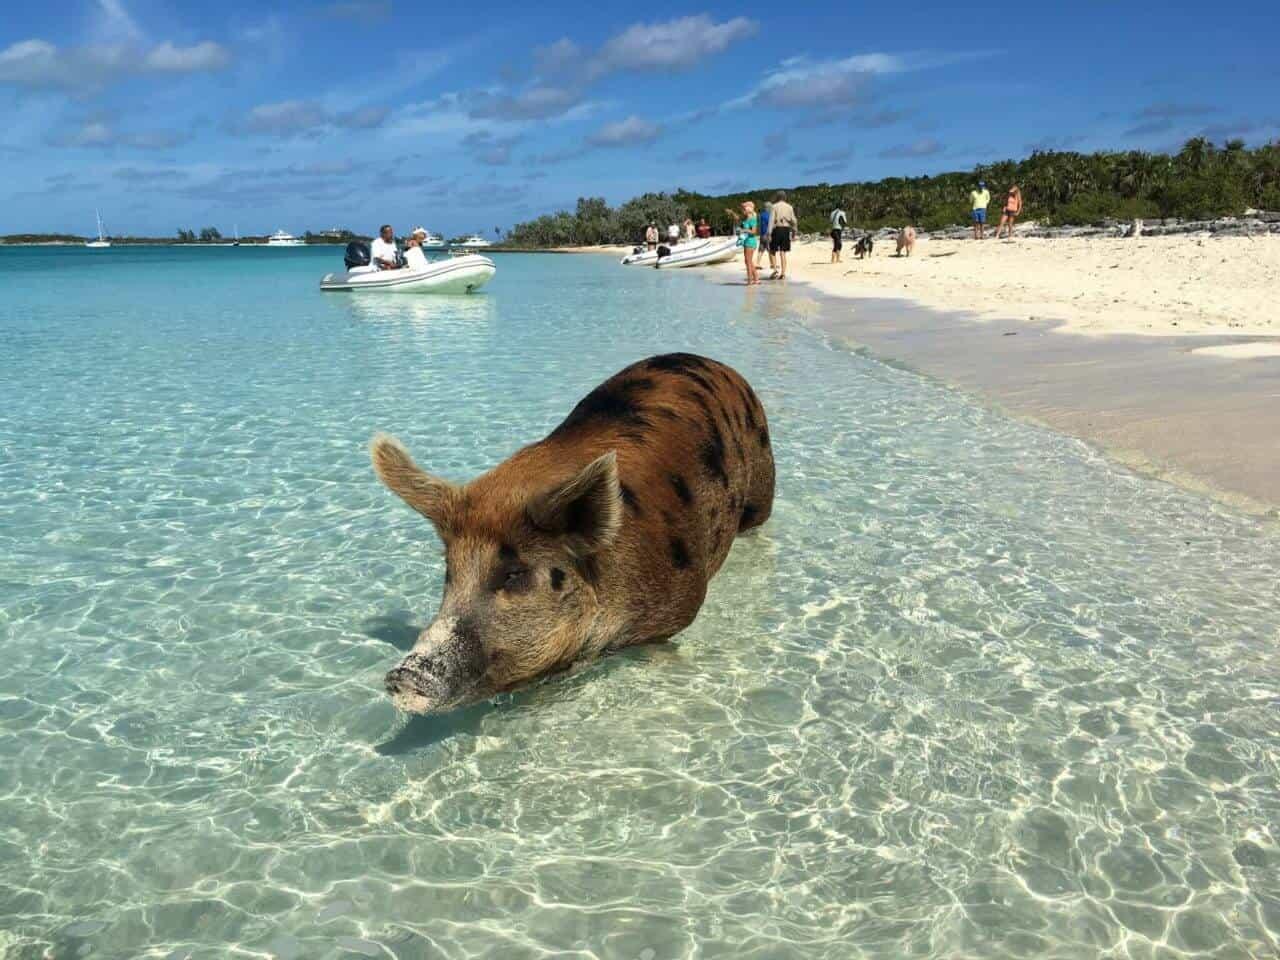 Schwein schwimmt im smaragdgrünen Meer